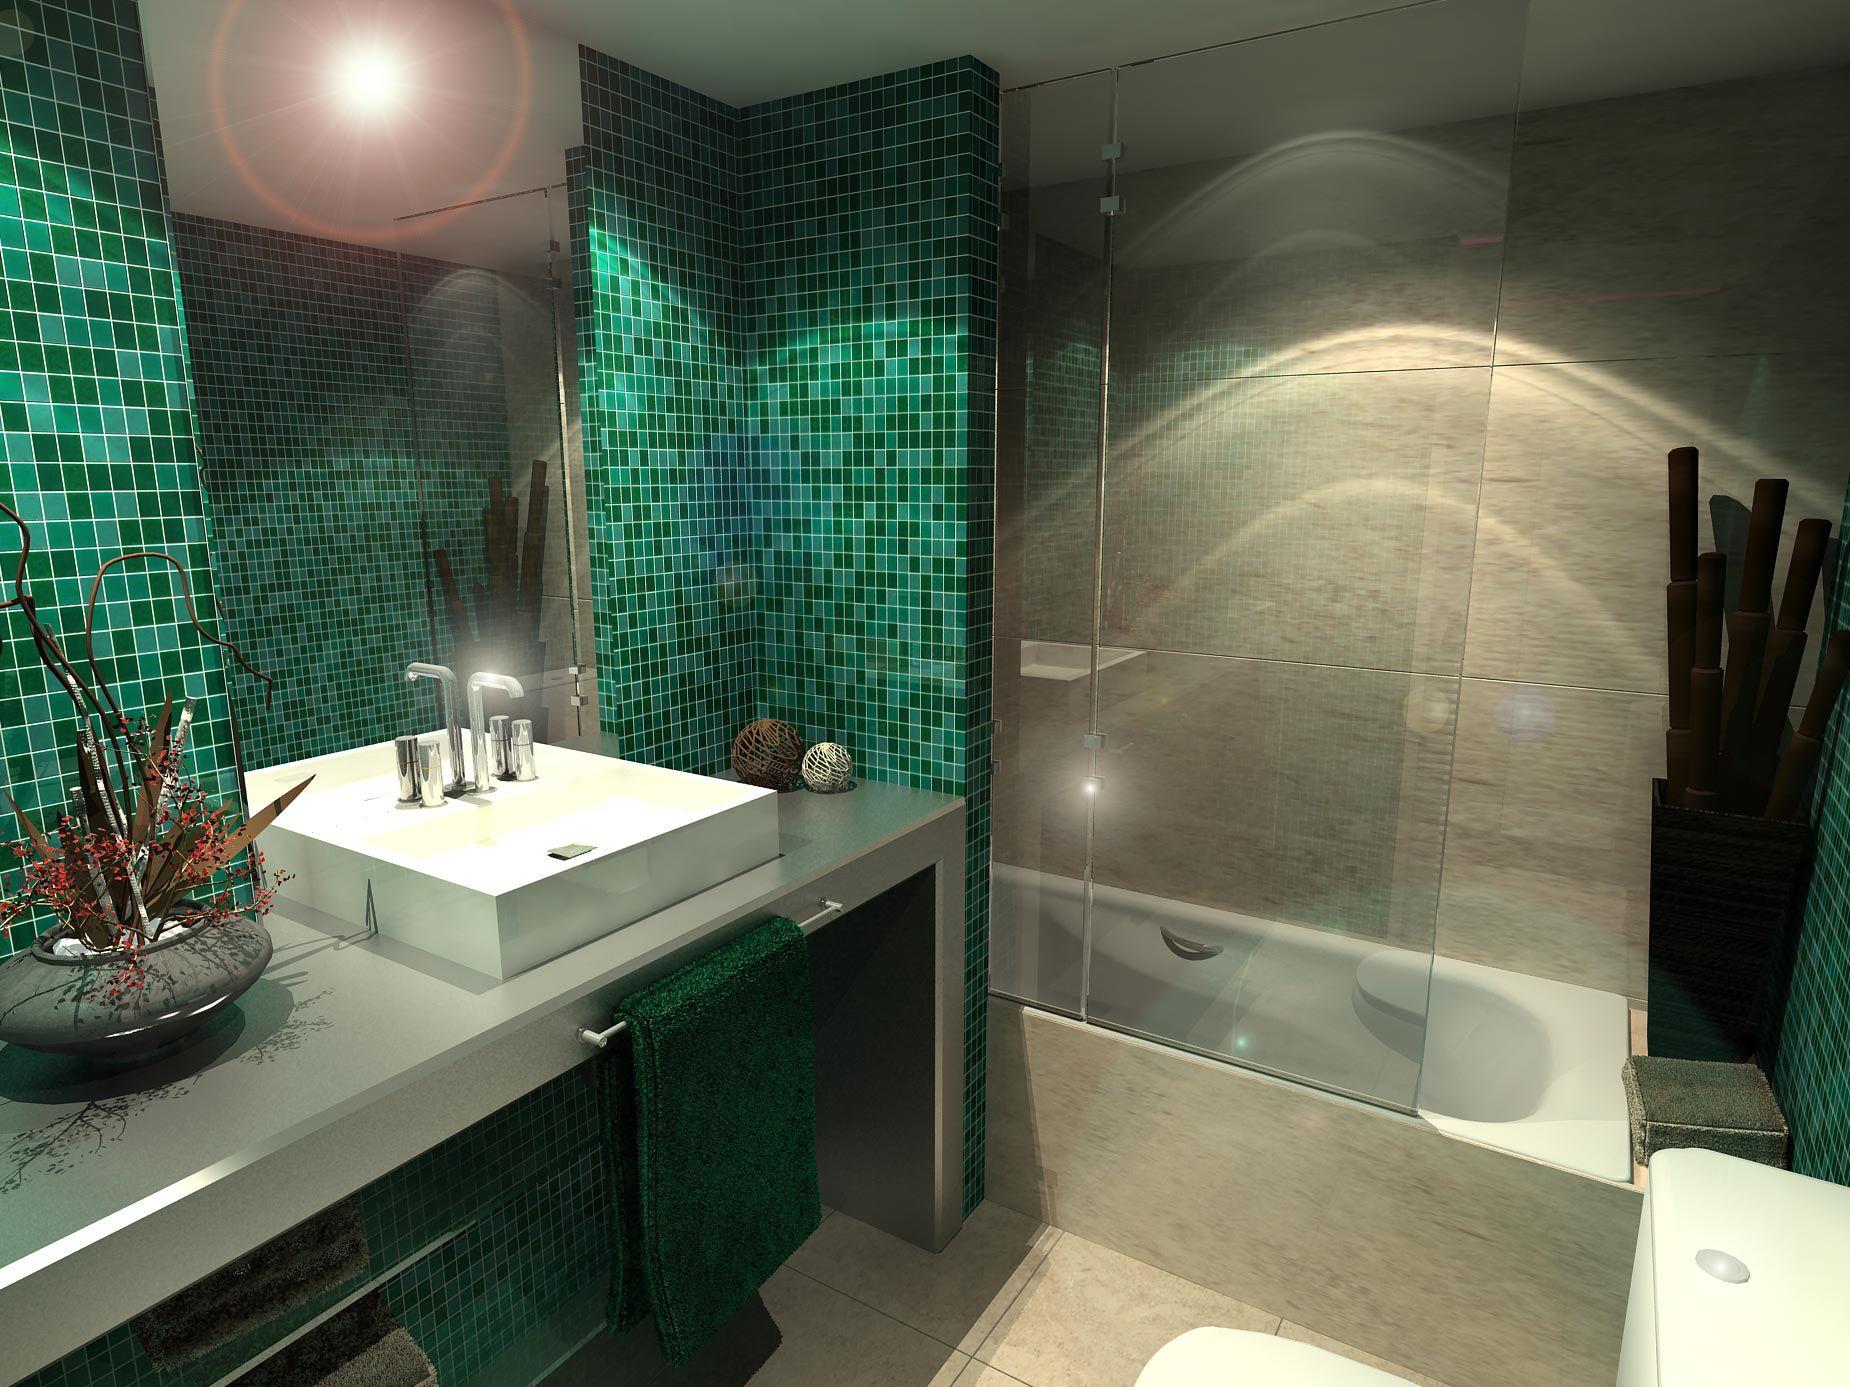 Ba o estilo moderno color verde beige blanco remodelaci n ba os ba os decoracion ba os - Interiorismo banos modernos ...